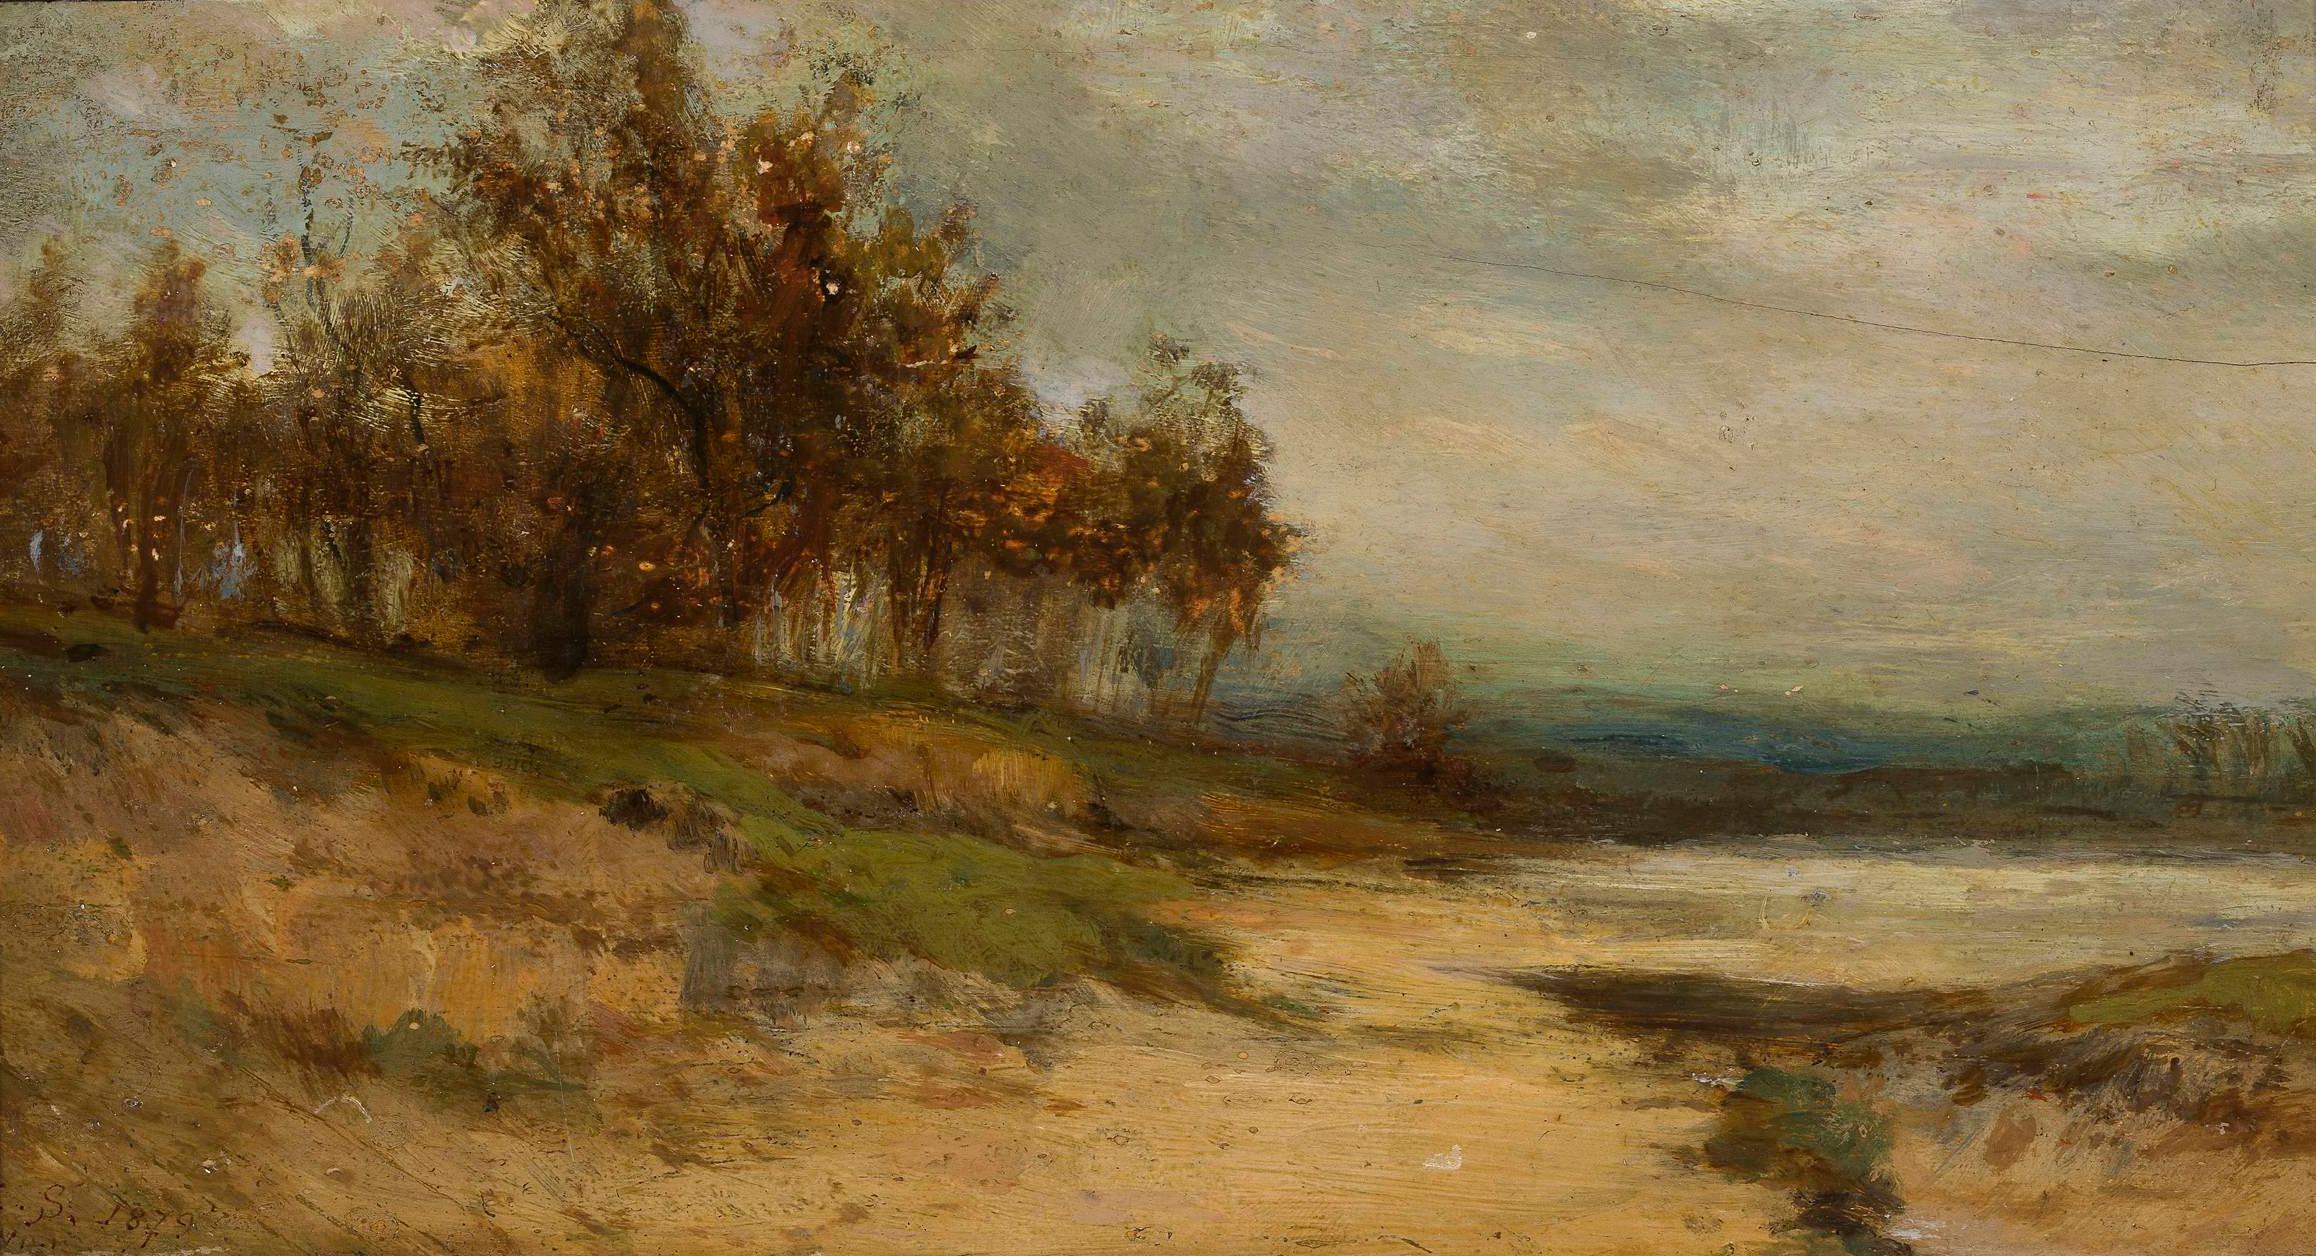 """Zygmunt Sidorowicz (1846-1881) """"Krajobraz z kępą drzew"""", 1879 rok, źródło: Muzeum Narodowe w Warszawie"""